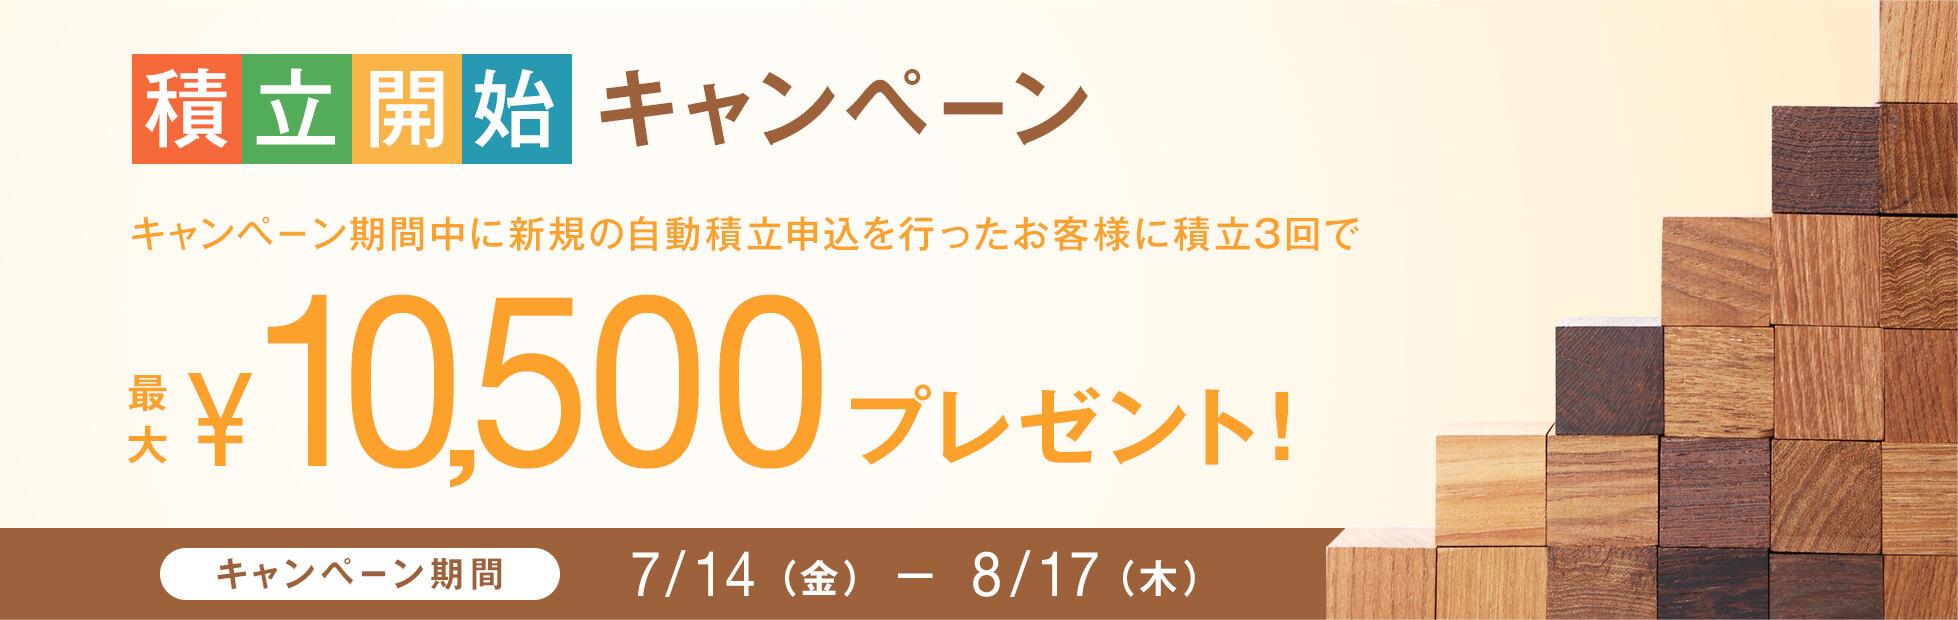 積立開始キャンペーン:キャンペーン期間中に新規の自動積立申込を行ったお客様に積立3回で最大10,500円プレゼント!2017年7月14日(金)から2017年8月17日(木)まで